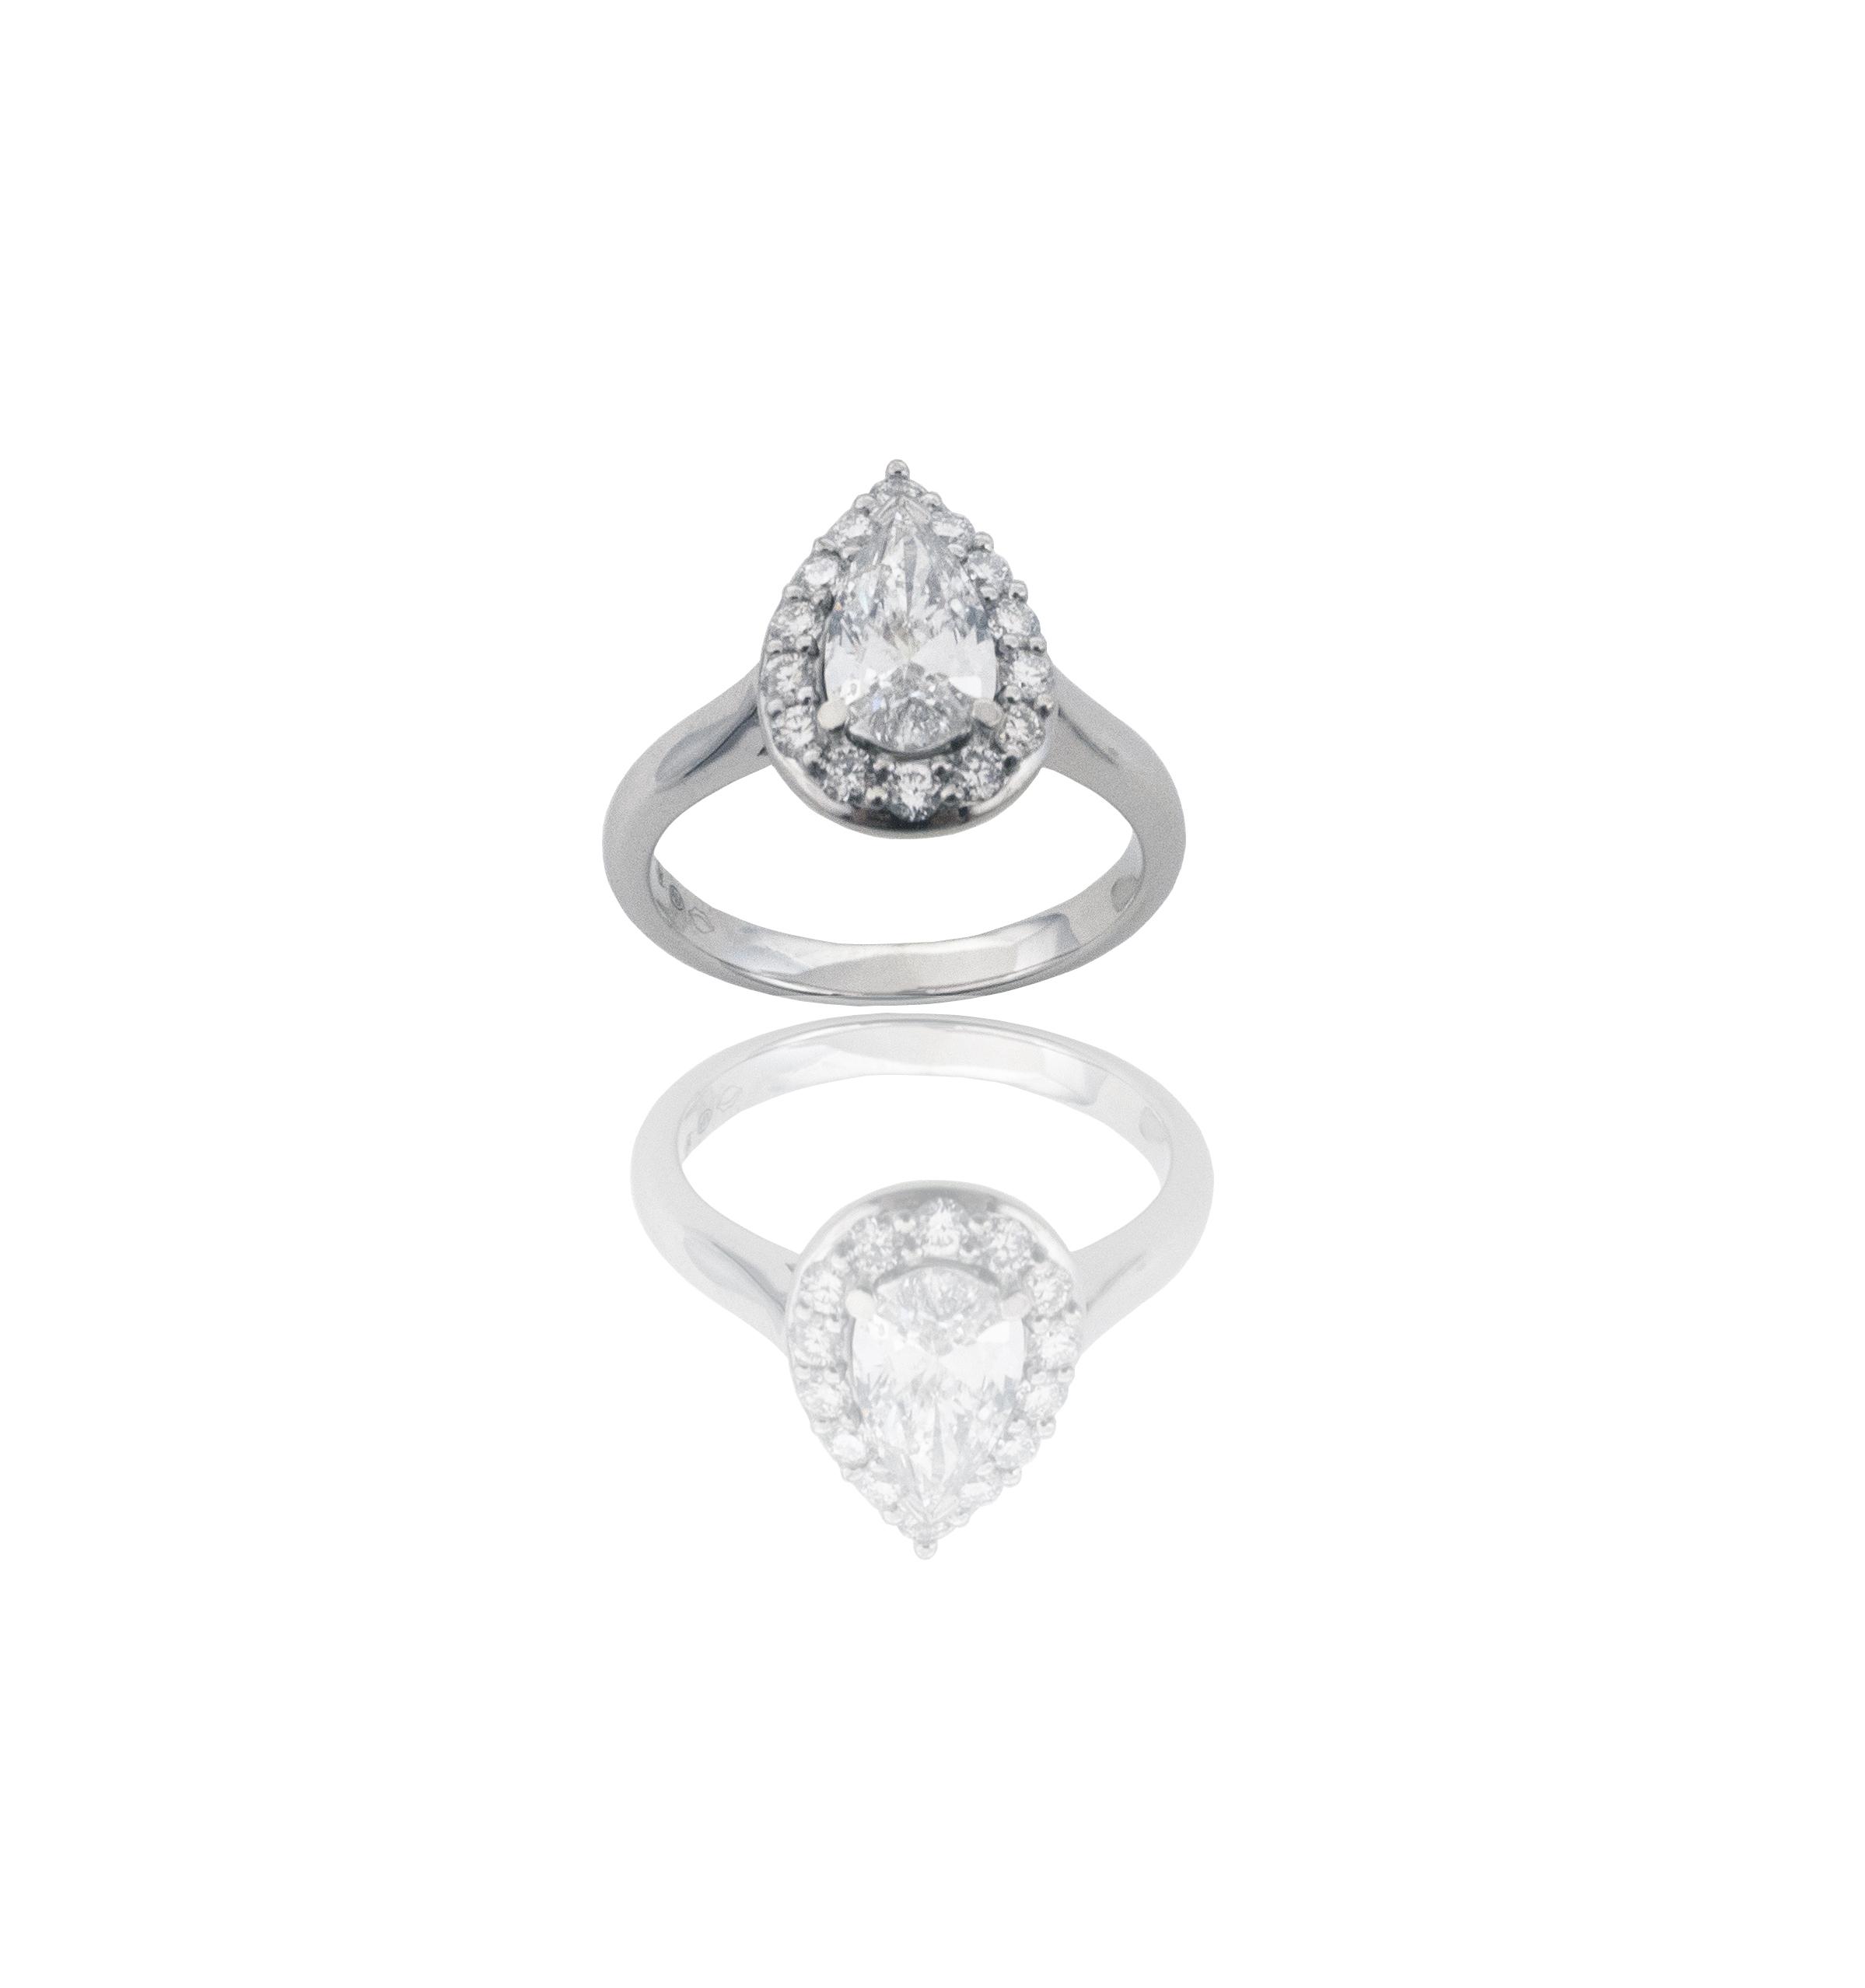 Diamond pear cut ring!